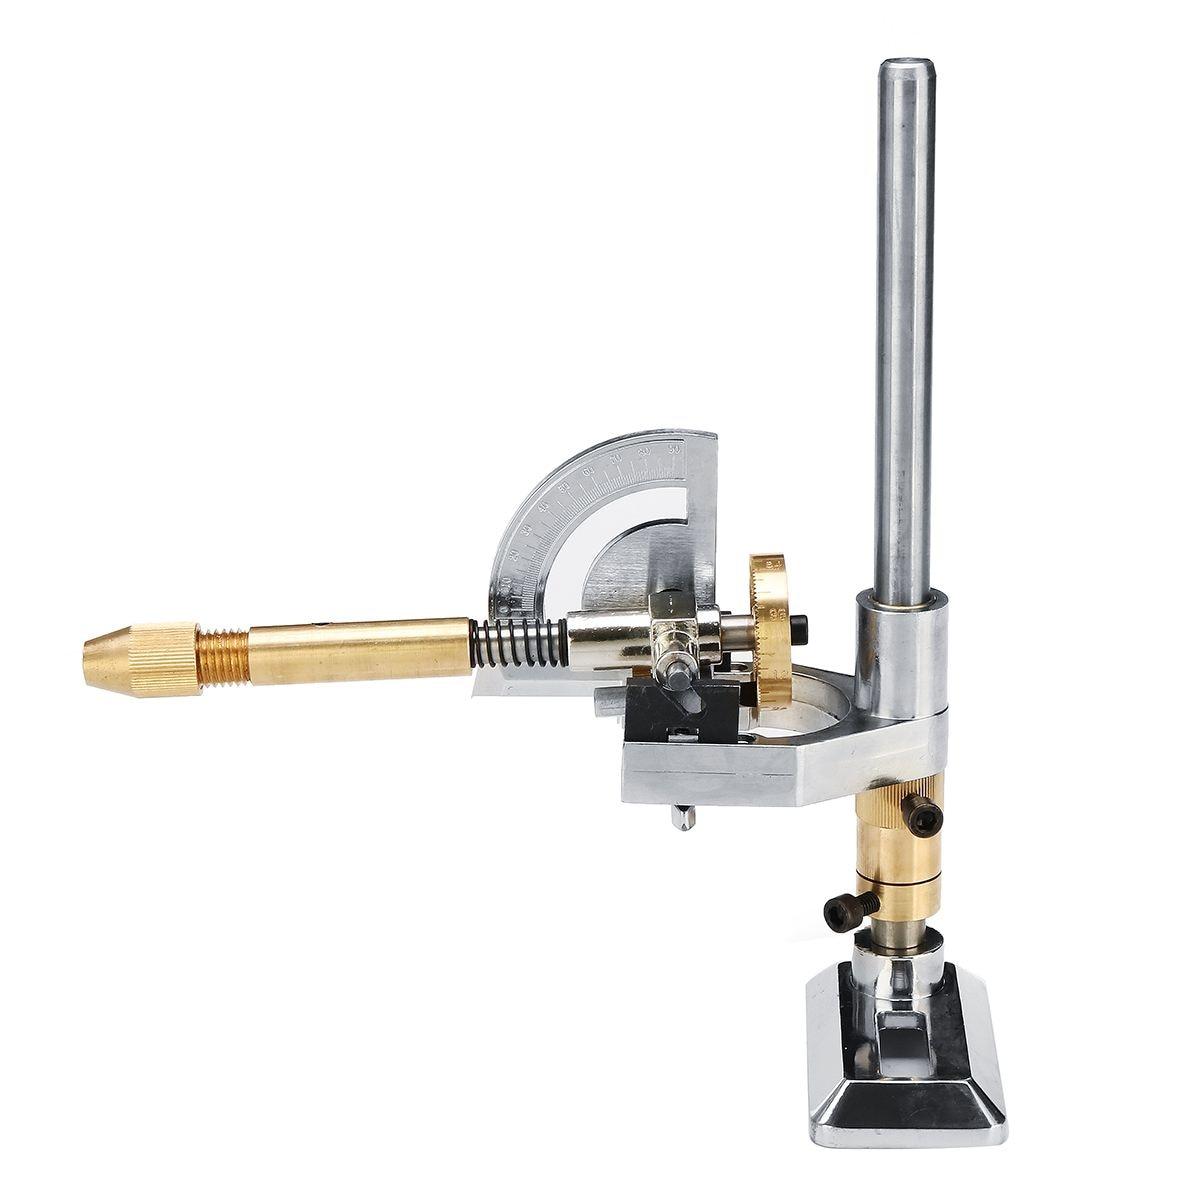 12 24 36 48 60 72 84 96 Jade Grinding Polished Faceted Manipulator Gem Faceting Machine Jewel Angle Polisher Fork Wheels Handle